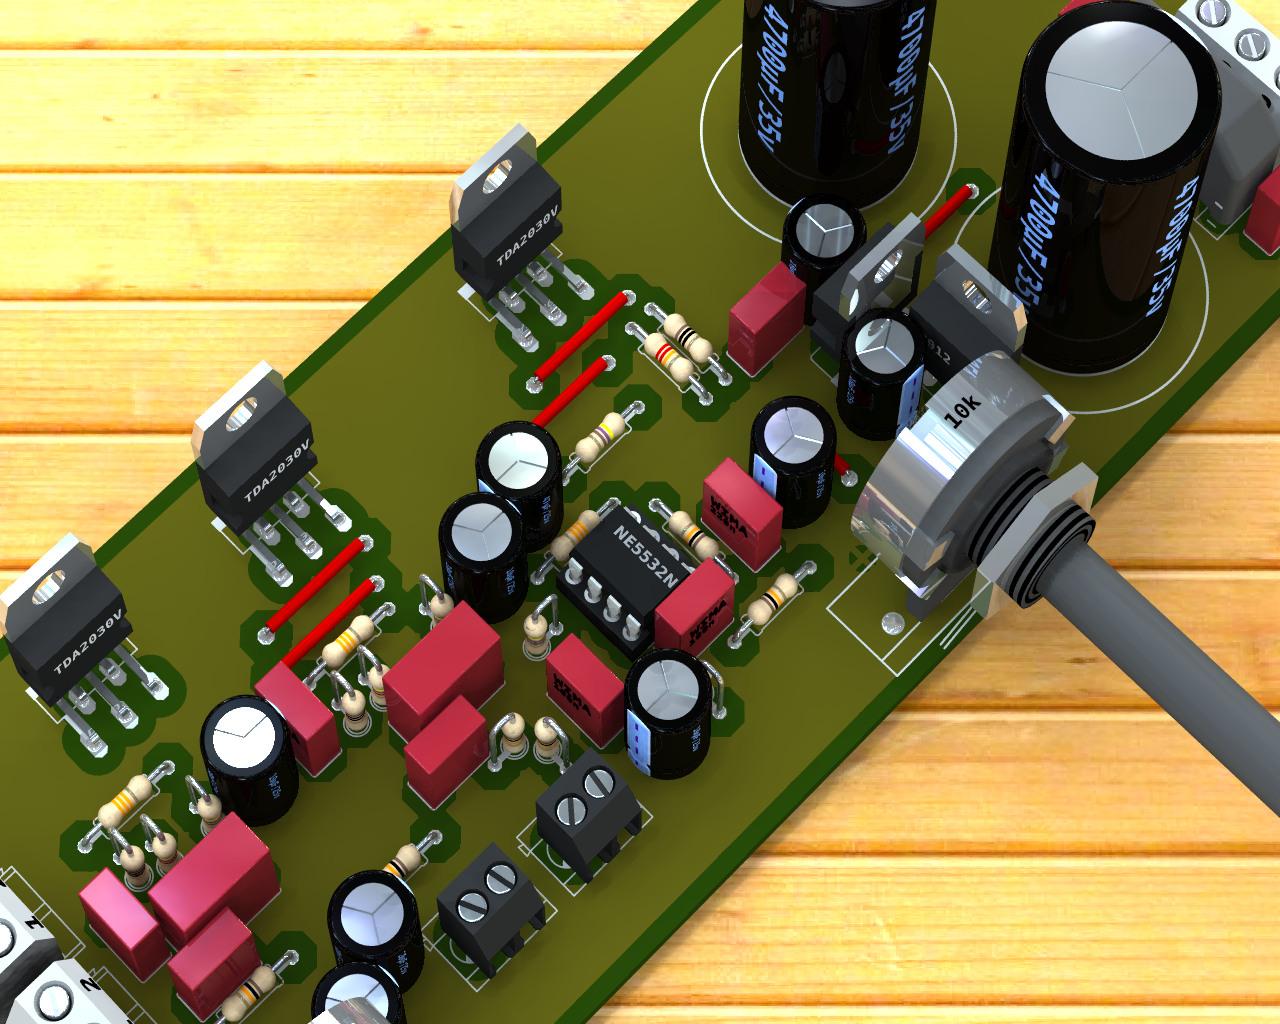 Tda2030 35w Bridged Amplifier